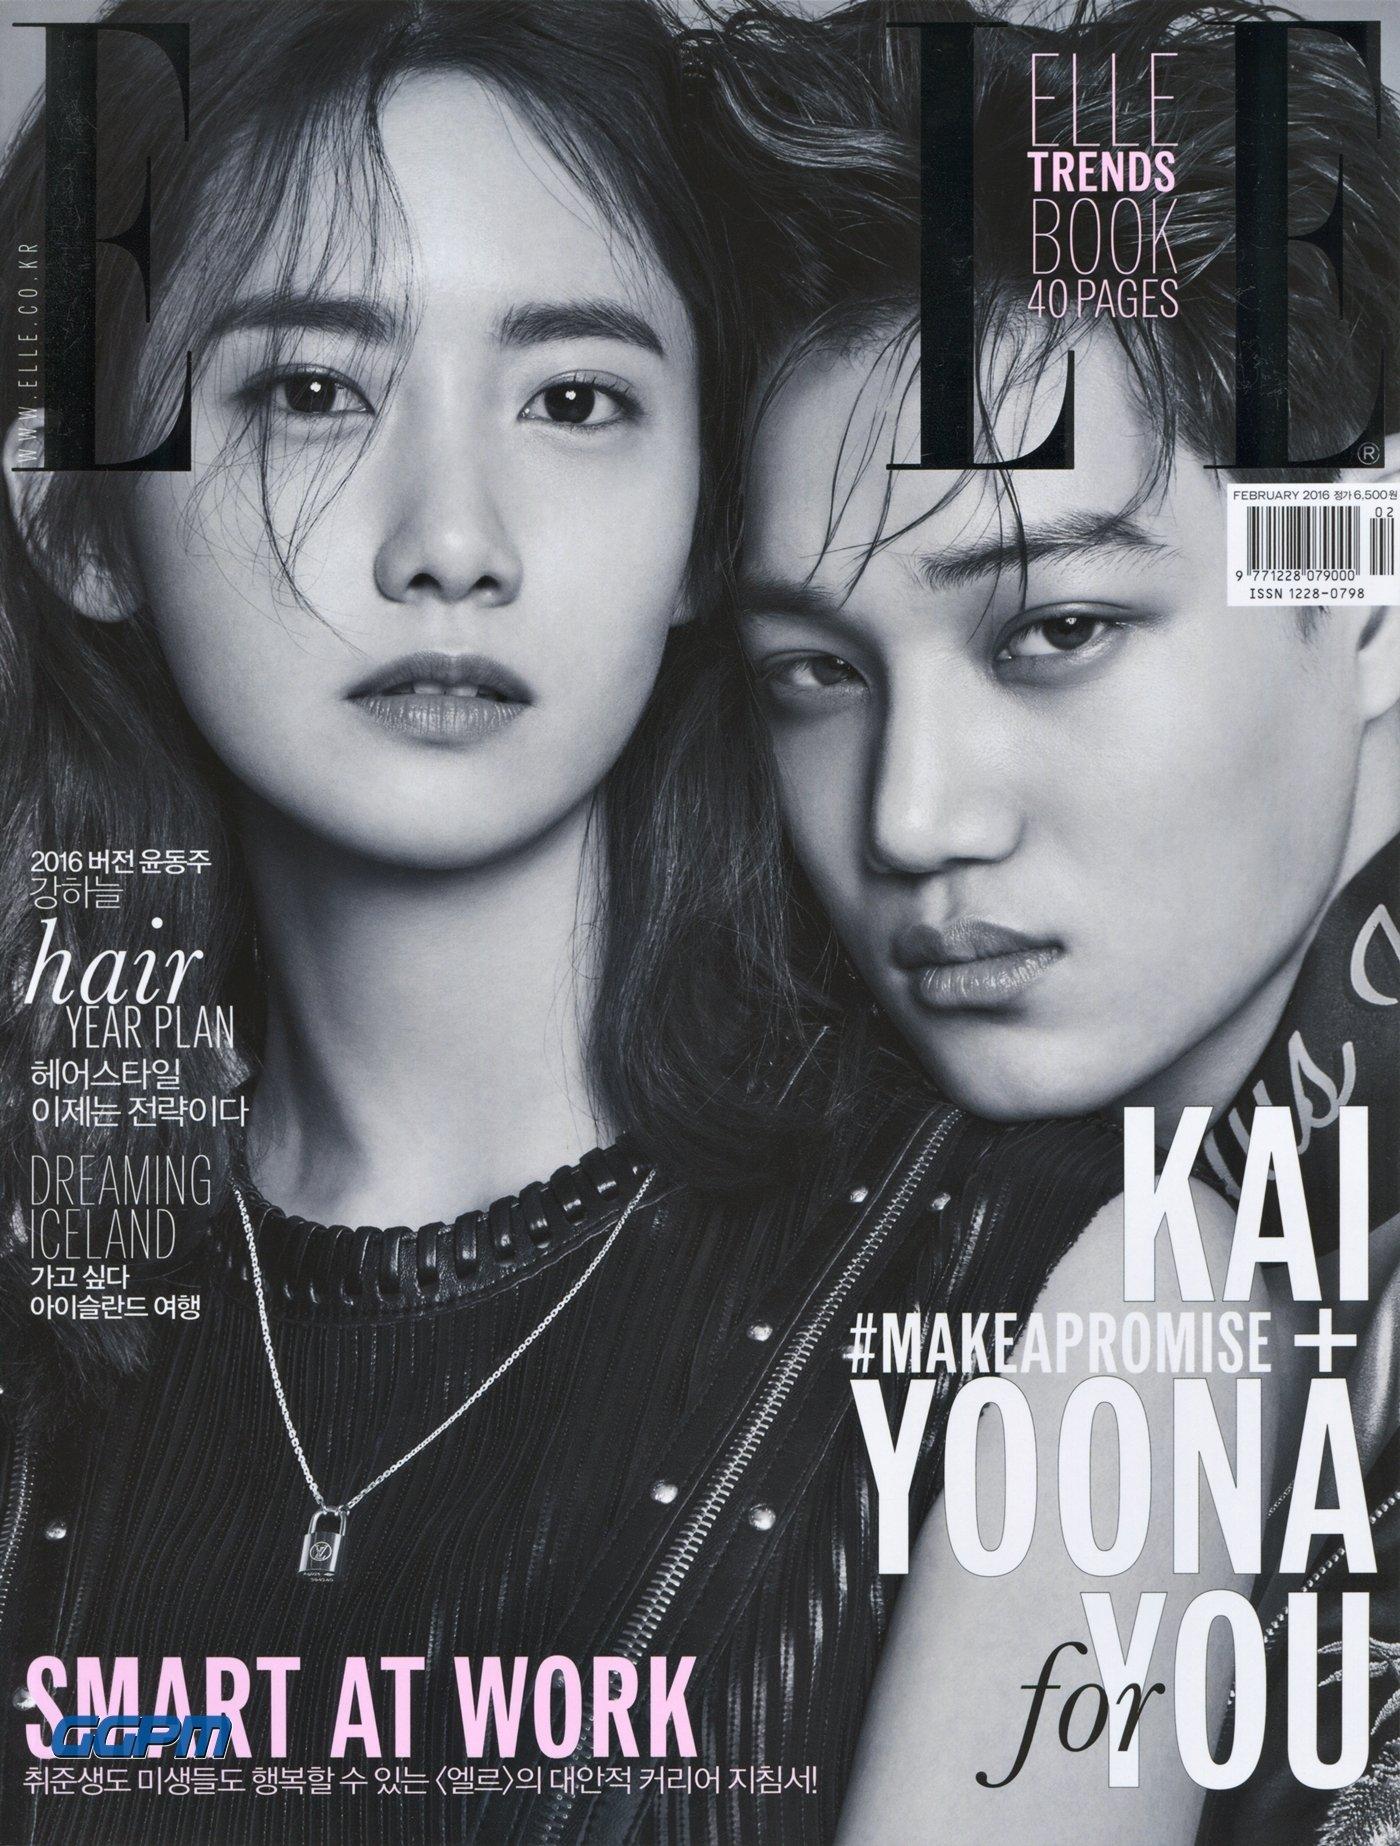 [PICS] Yoona - ELLE February 2016 UJ81QRBZs8-3000x3000